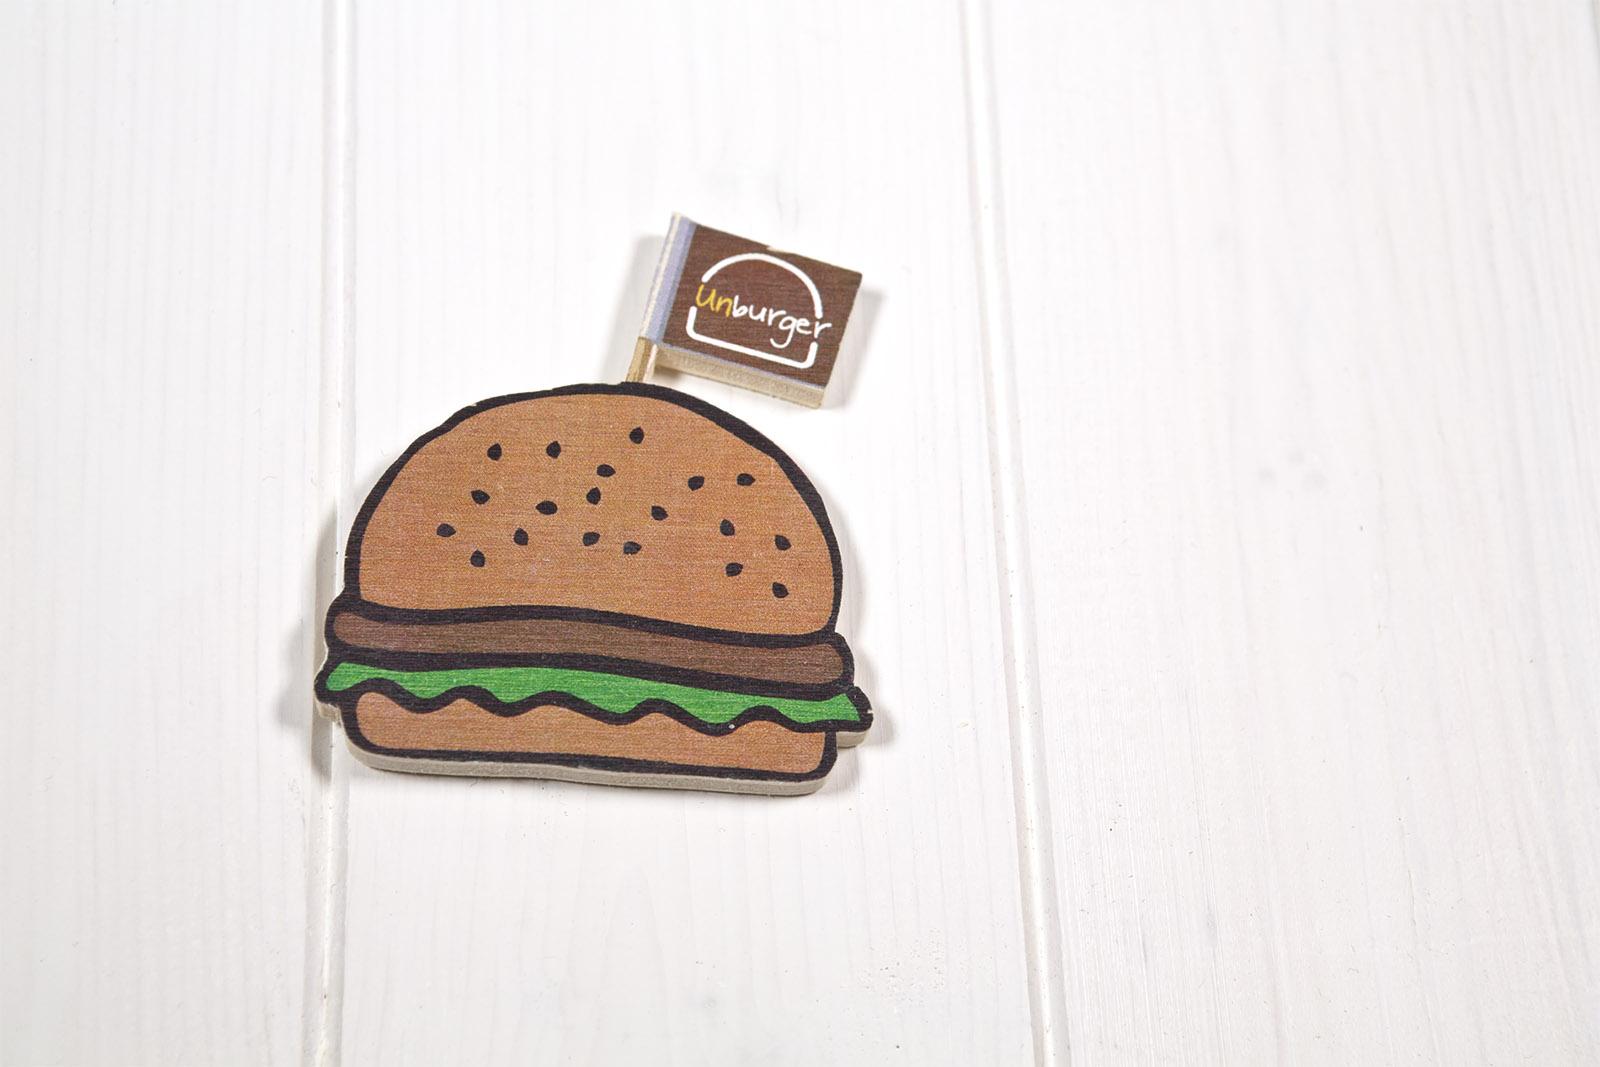 Calamite Di Legno Sagomate - Forma Di Hamburger